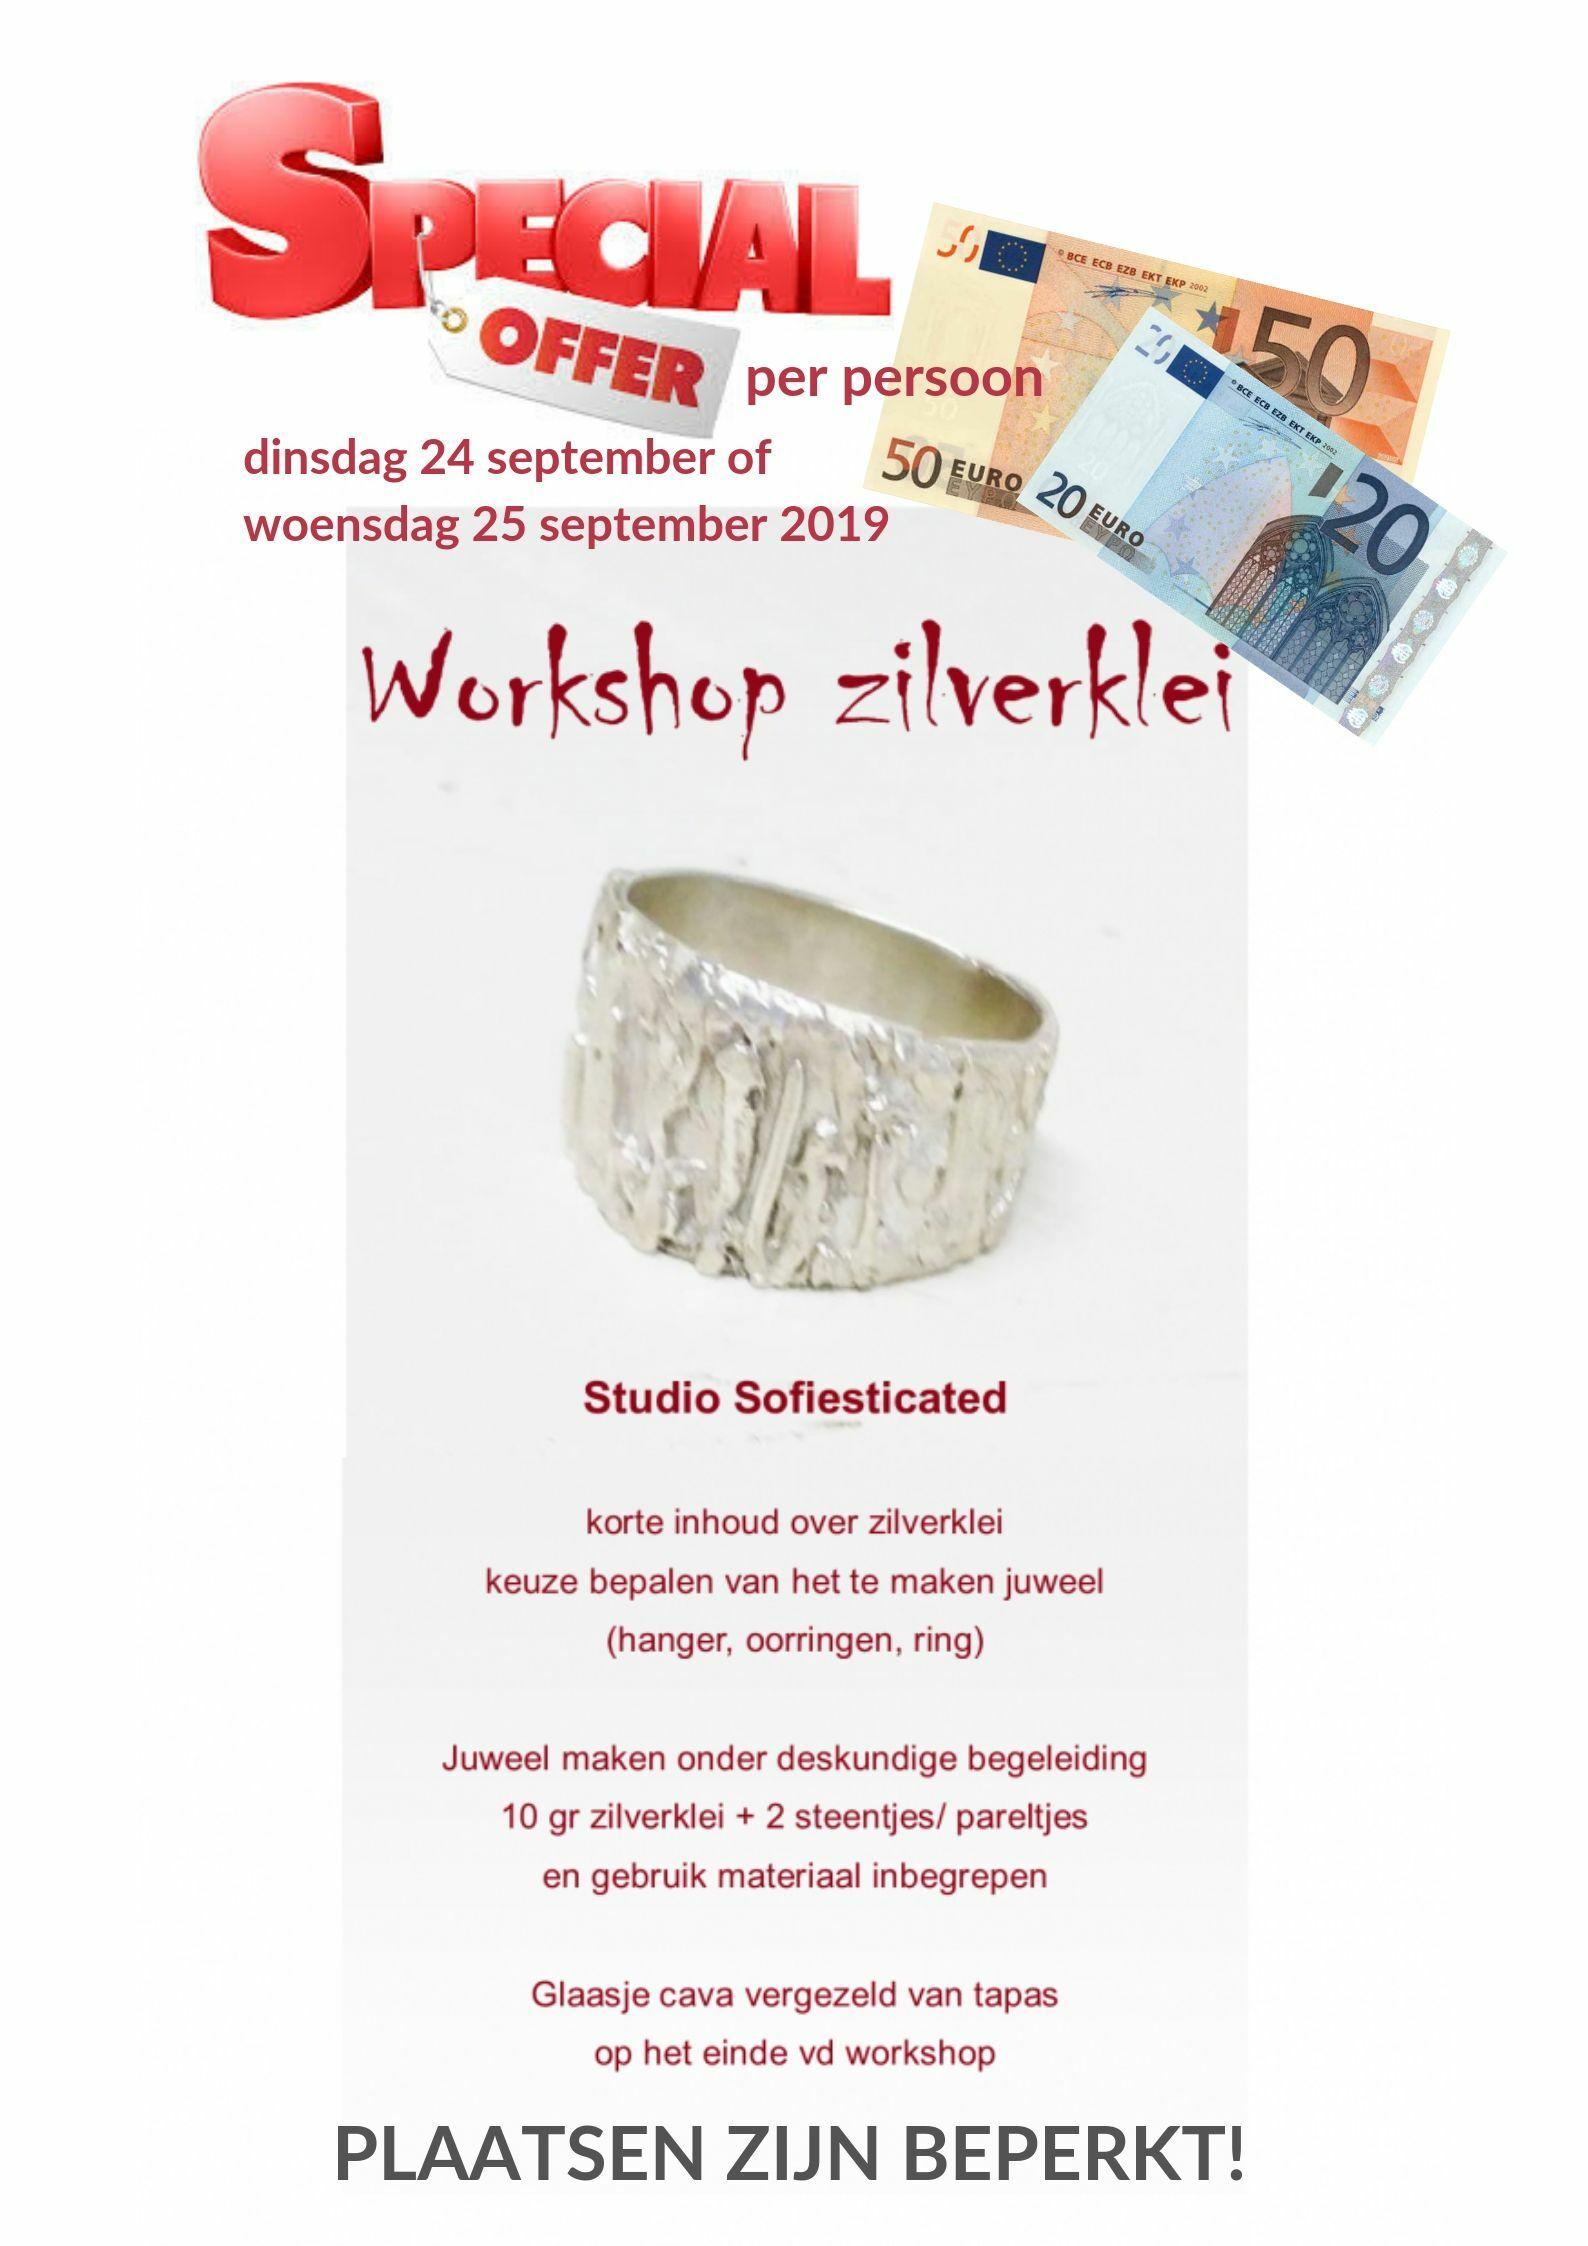 workshop special offer woensdag 25 september 2019 00191